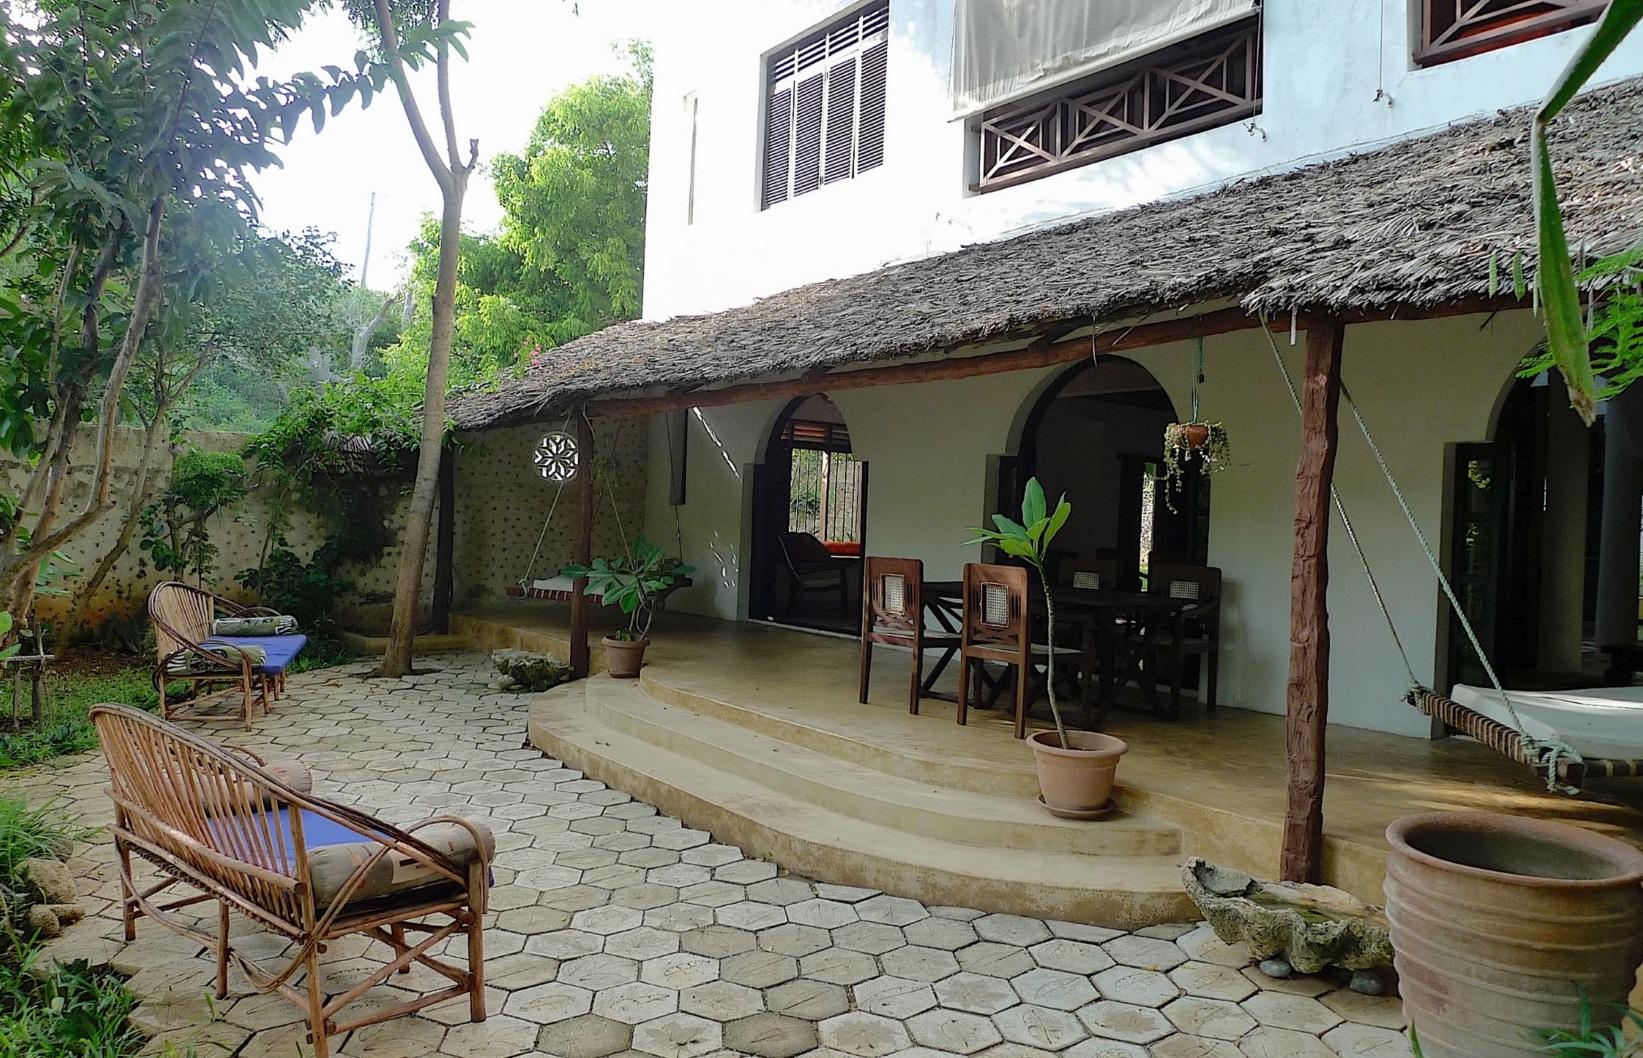 Garden terrace with breakfast table